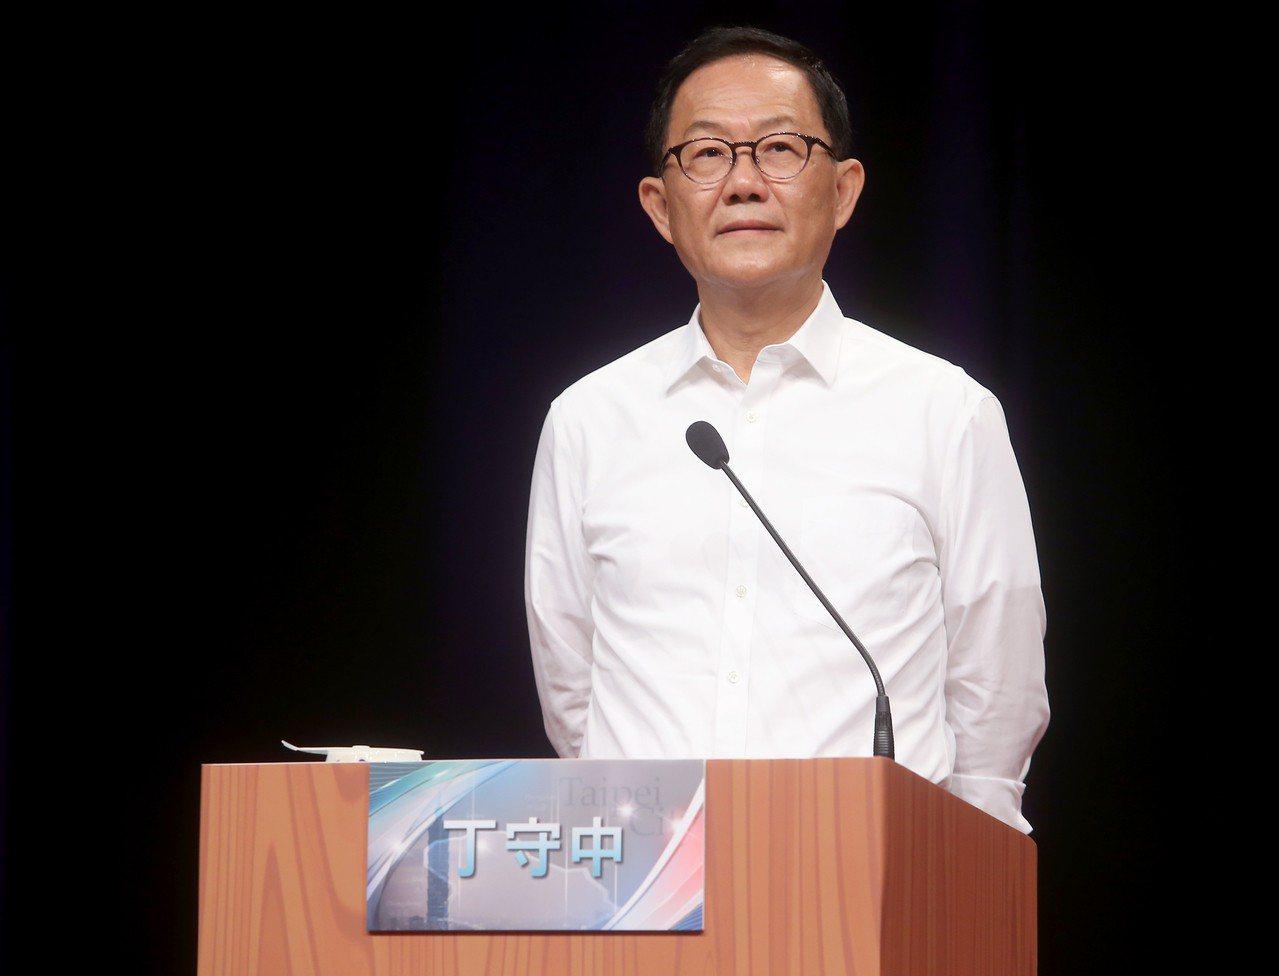 台北市長候選人丁守中昨天出席首場台北市長電視辯論會。記者余承翰/攝影